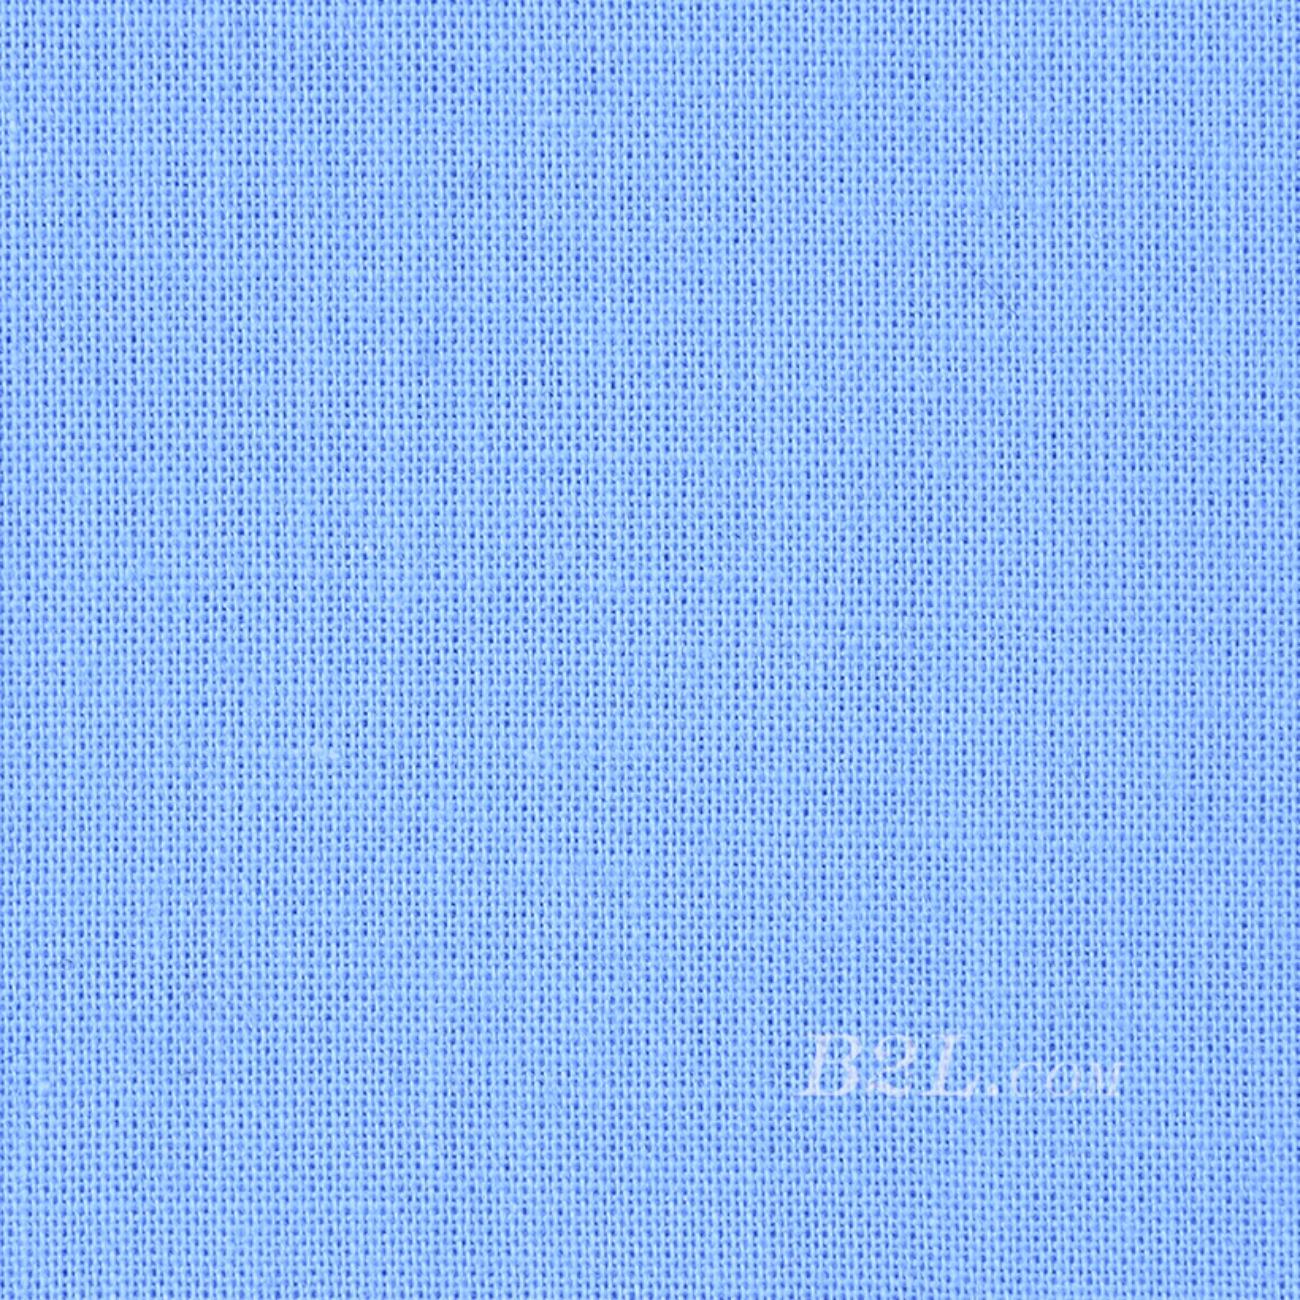 素色 梭织 染色 低弹 连衣裙 衬衫 柔软 细腻 女装 春夏 71116-45